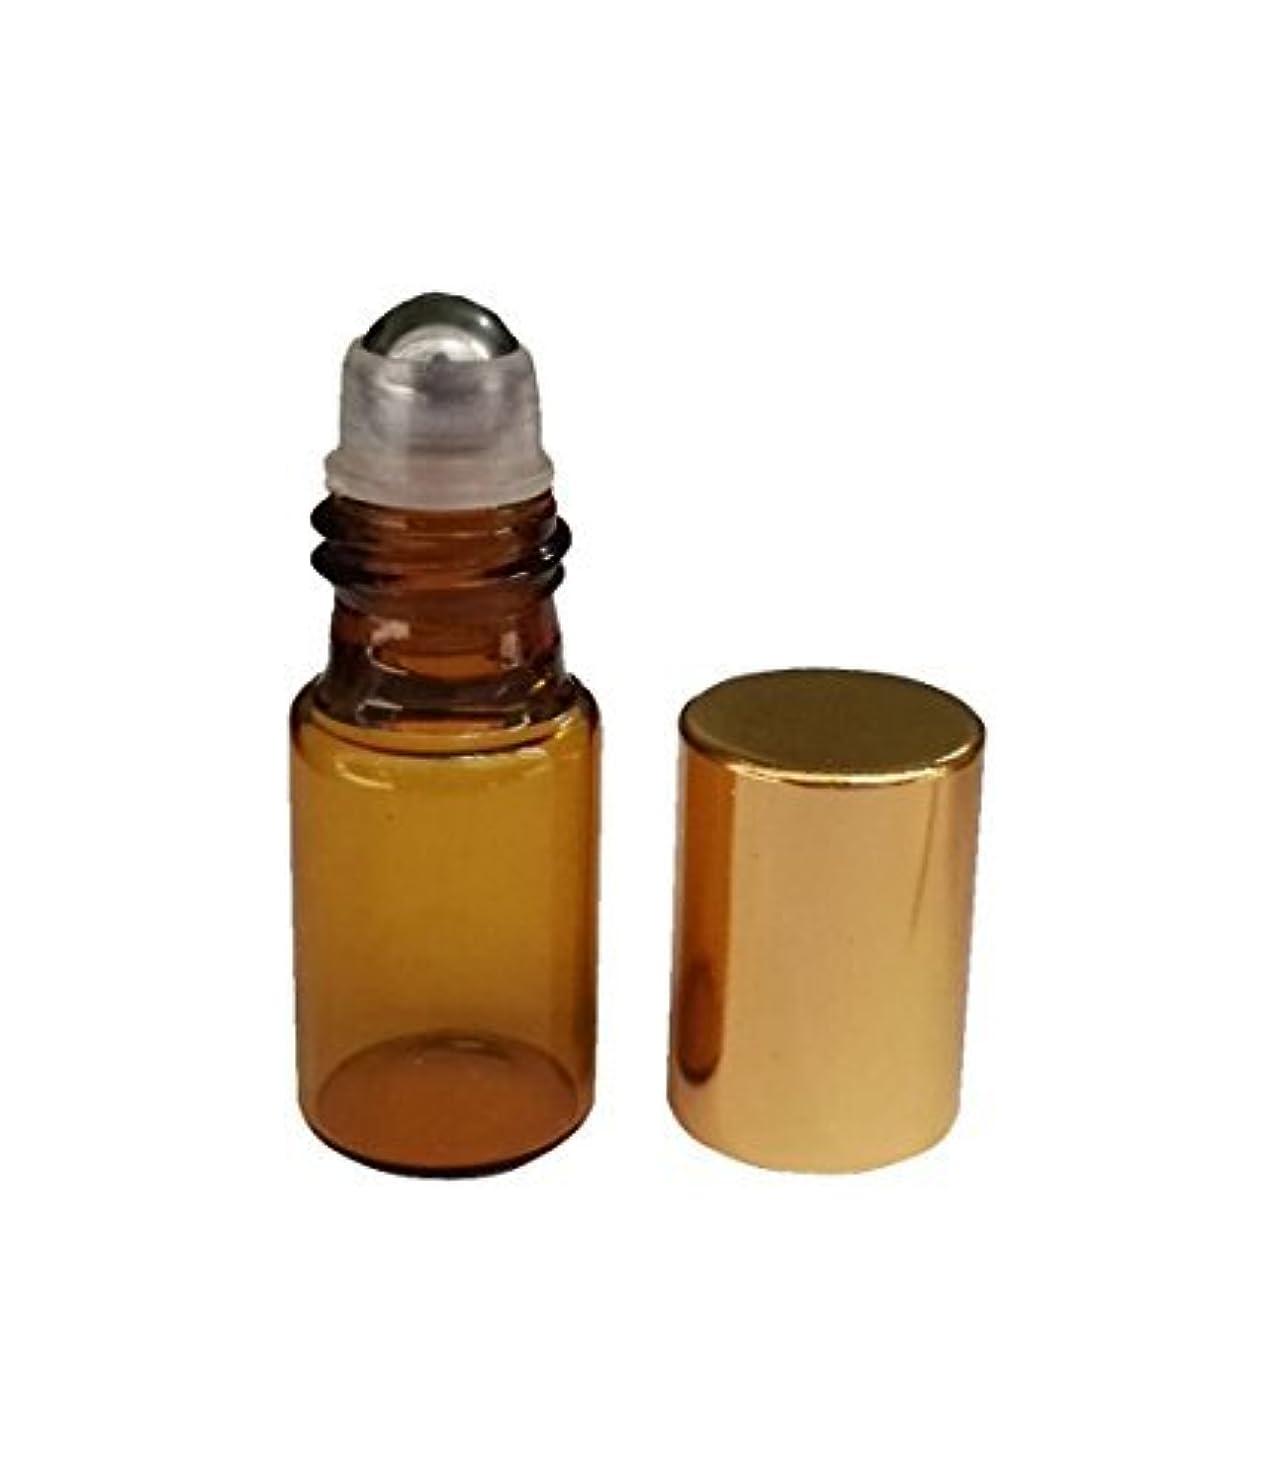 価値のない十分な喉が渇いたHugeStore 15 Pcs 5ml Refillable Amber Glass Rollerball Bottles Empty Essential Oil Glass Roller Bottles for Aromatherapy...